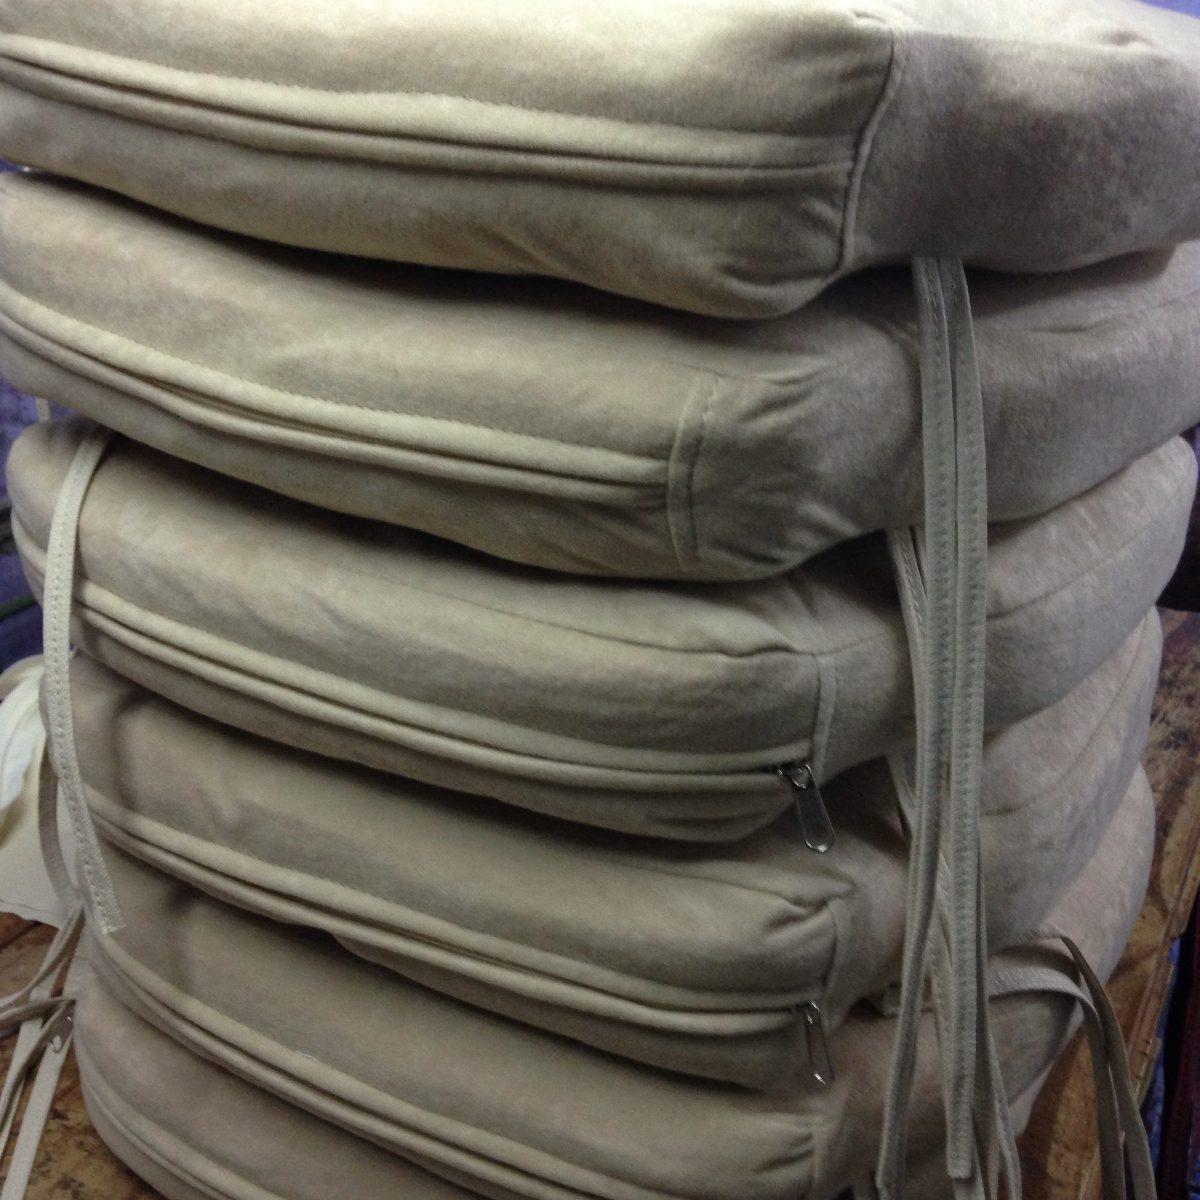 Almohadones para sillas windsor 480 00 en mercado libre - Almohadones para sillas ...